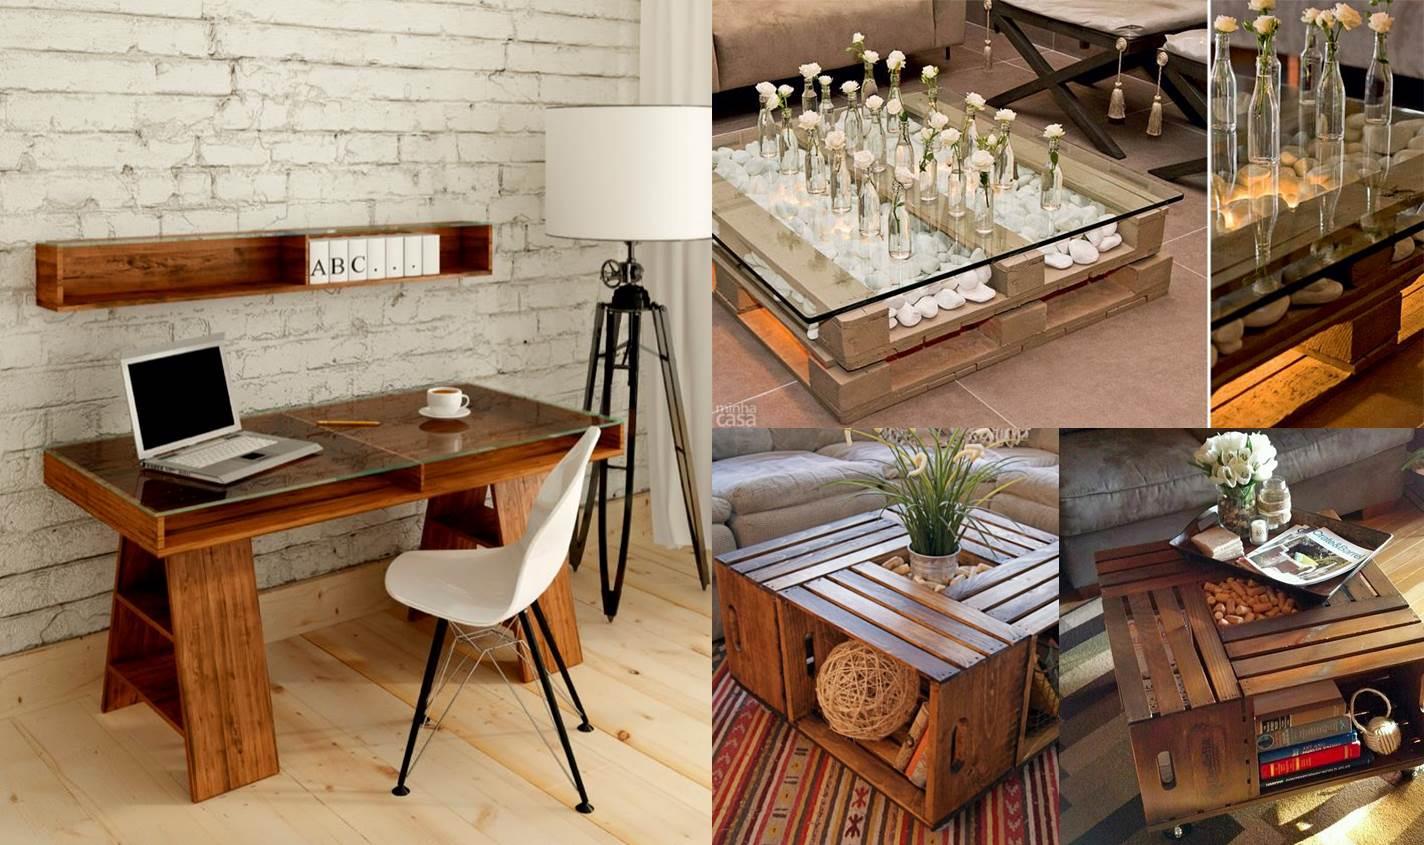 como mesa de centro ou do escritório com um ar mais contemporâneo #B22419 1424x845